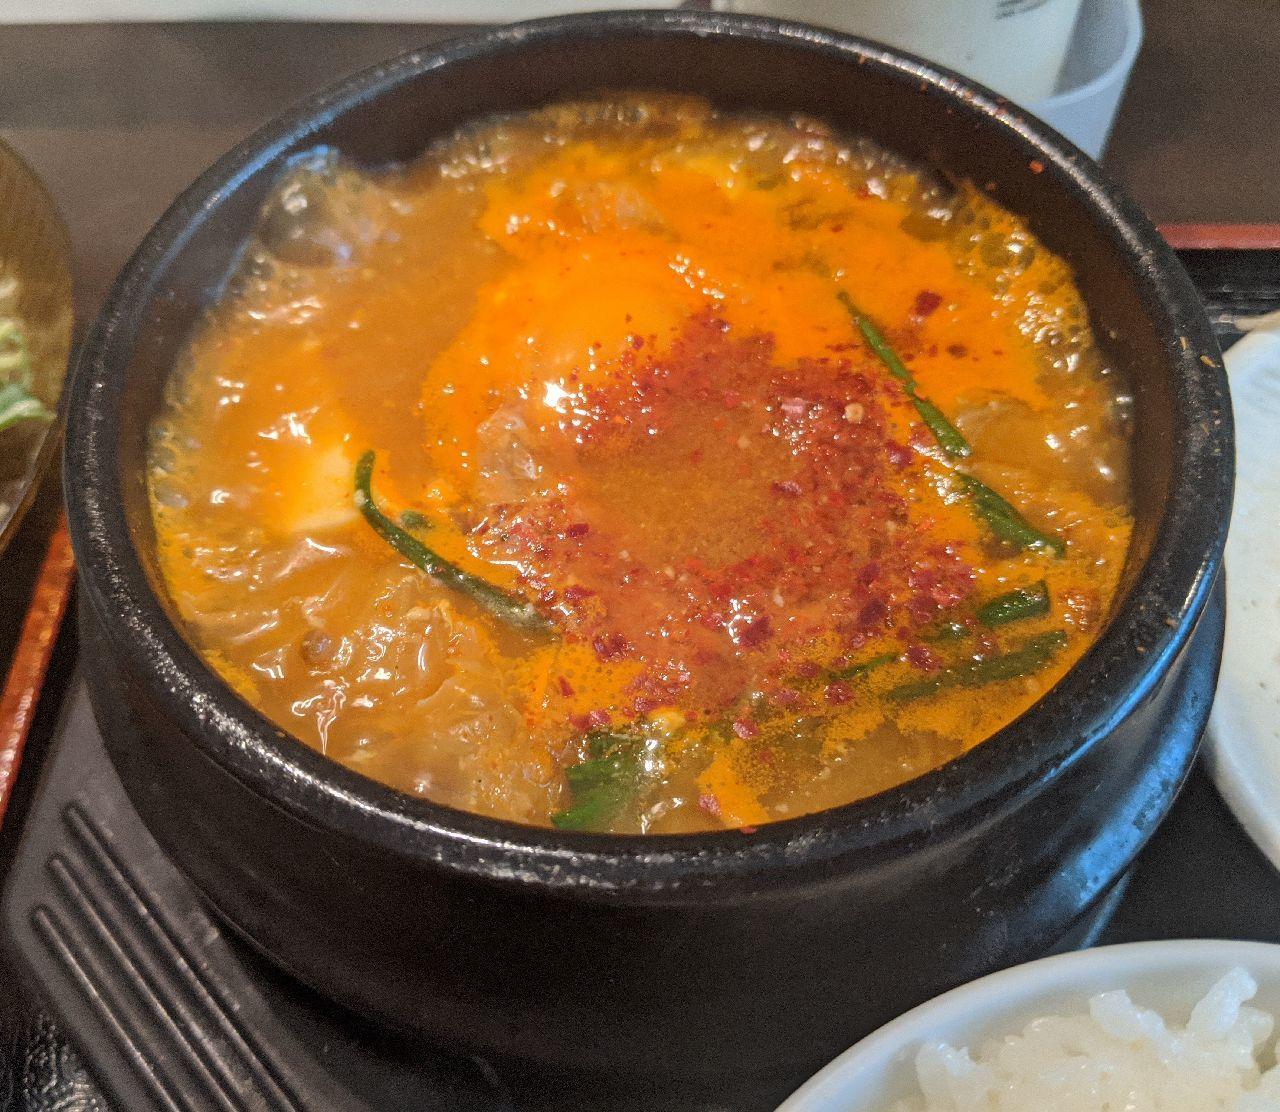 MVIMG_20200331_122109_1豆腐チゲ